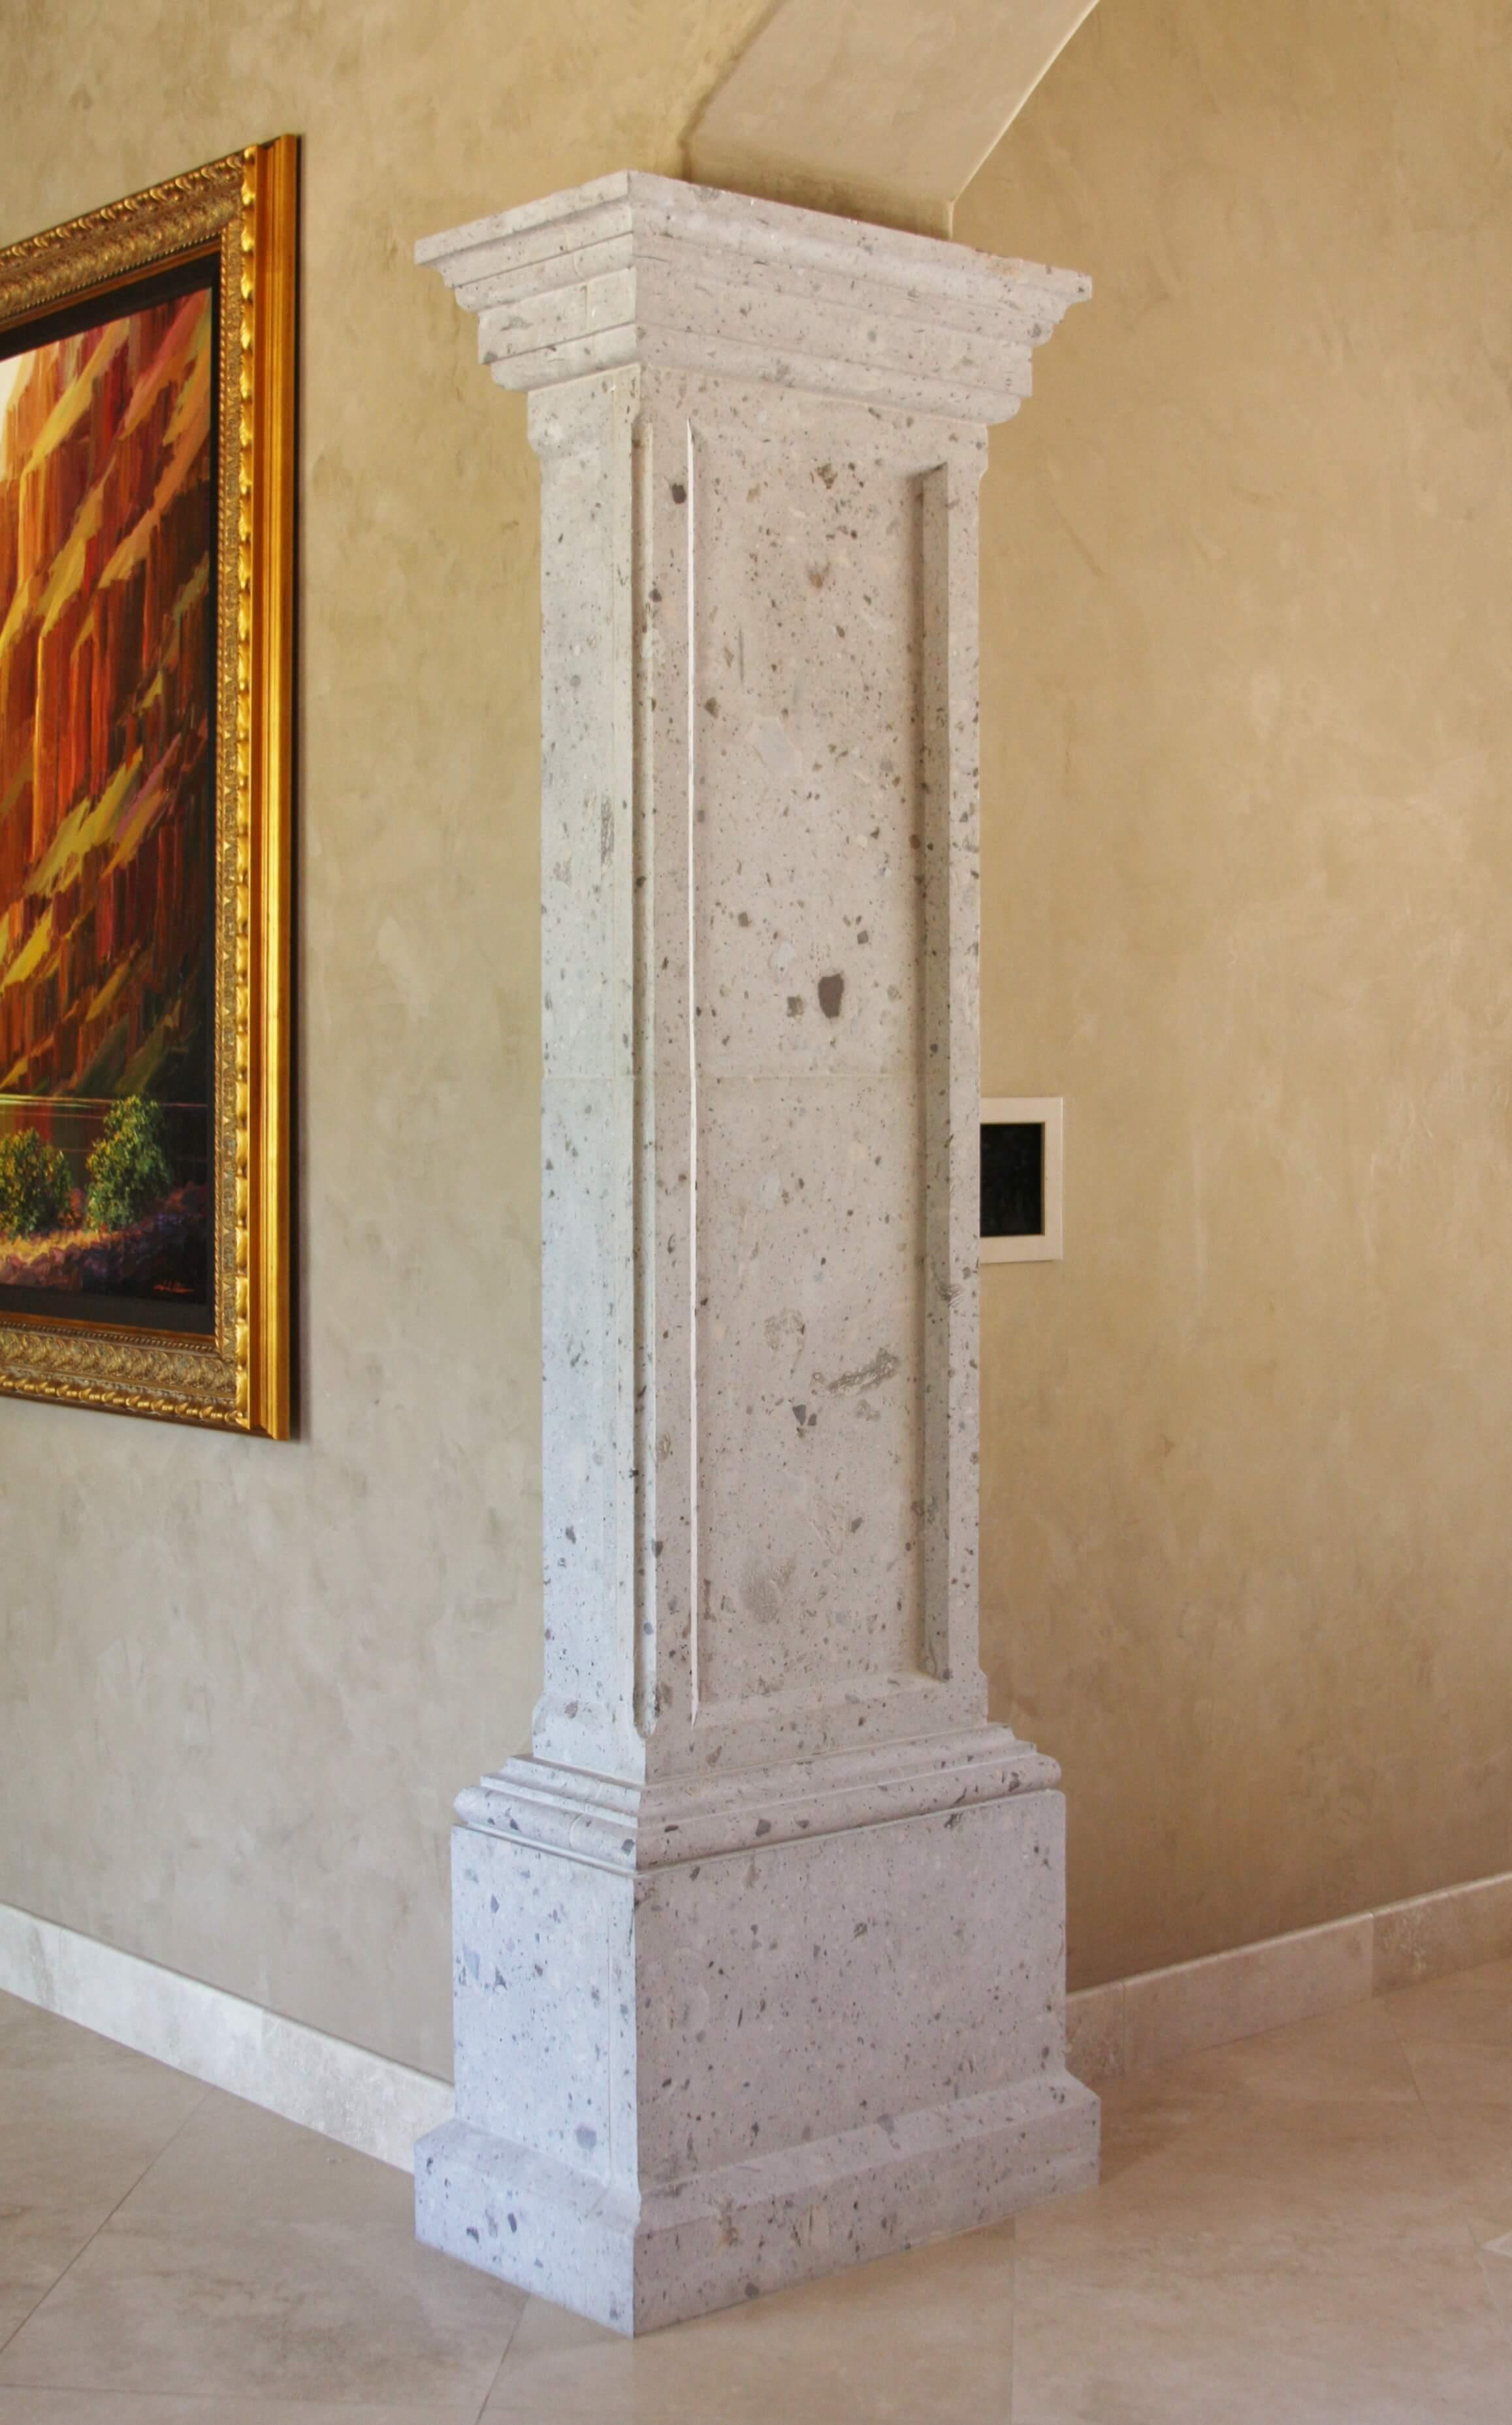 4-Raised-Panel-Column-Pilaster-in-Rio-Blanco-Cantera-Stone